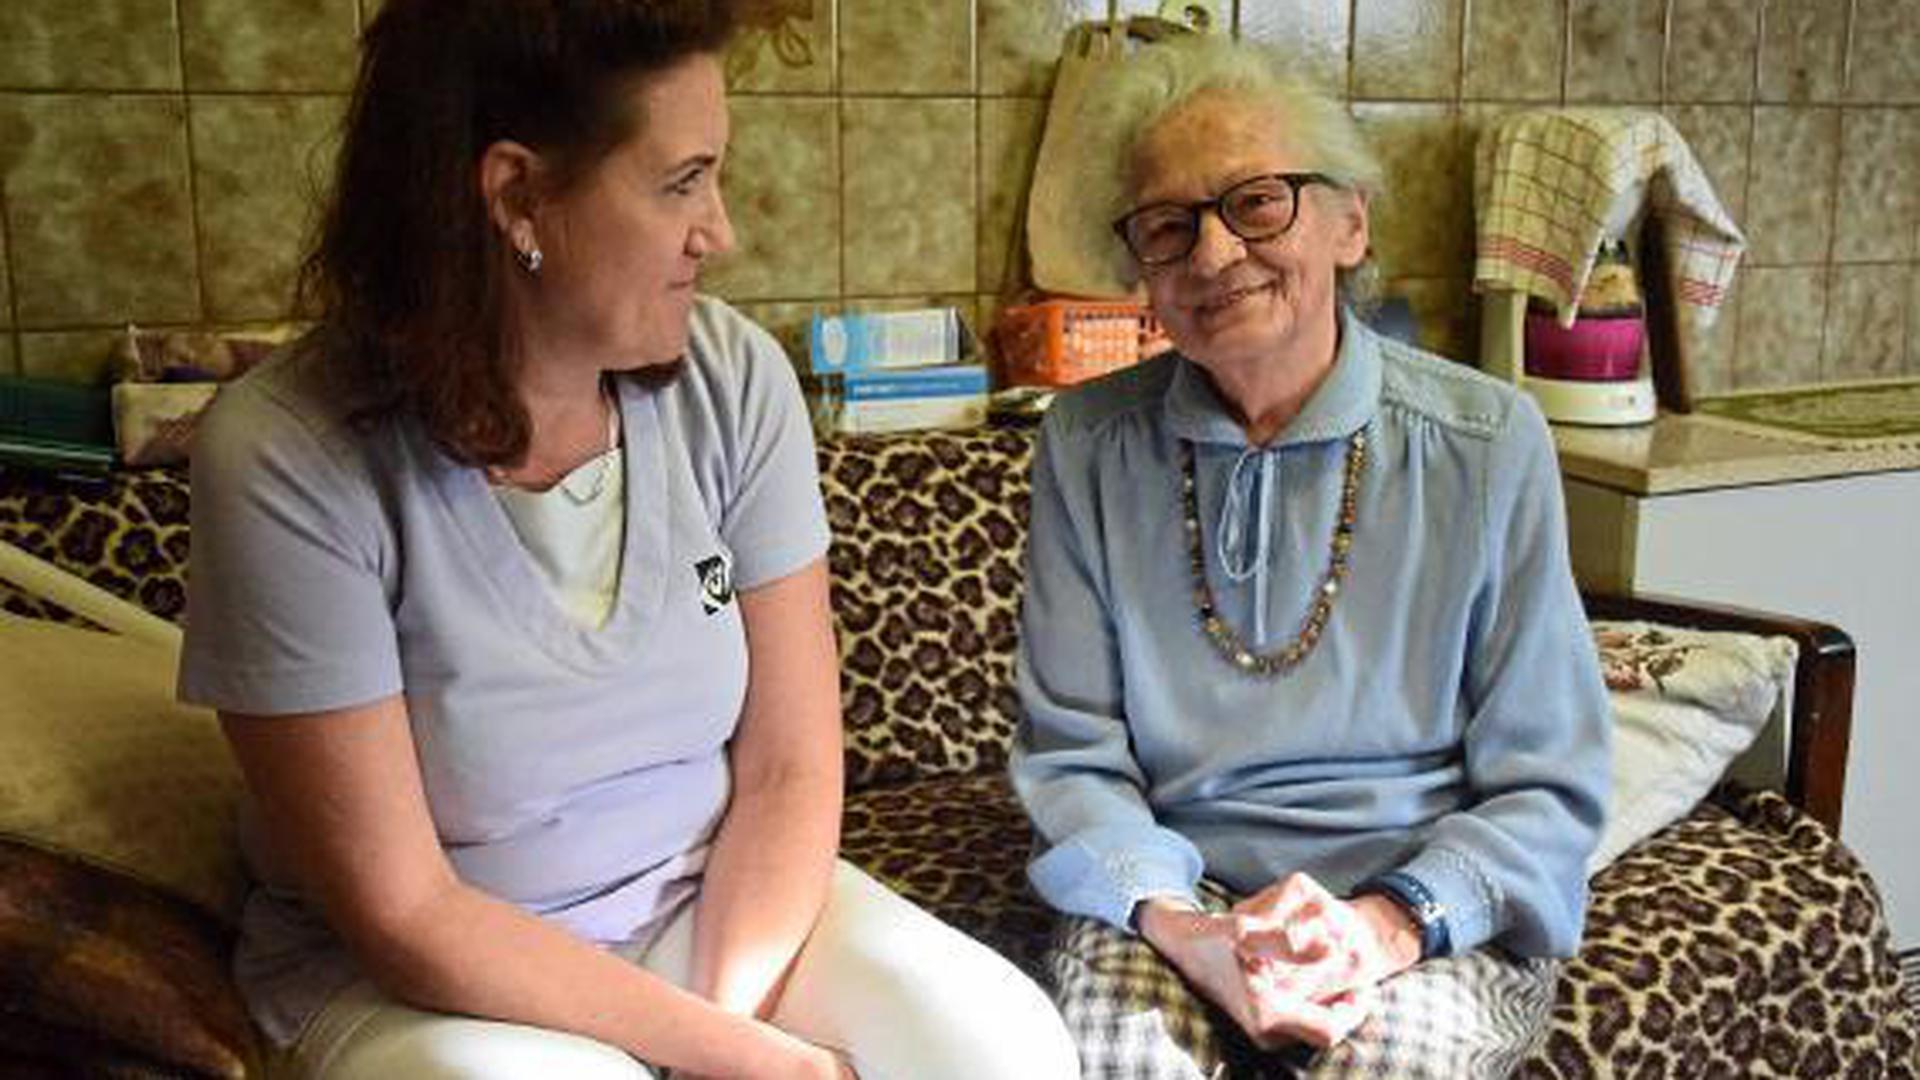 Bei ihren Hausbesuchen ist die gelernte Altenpflegerin Martina Winkendick für viele ihrer Kundinnen und Kunden die wichtigste Ansprechpartnerin. Neben den pflegerischen Aufgaben sind ihr auch das Zuhören und das Gespräch wichtig.